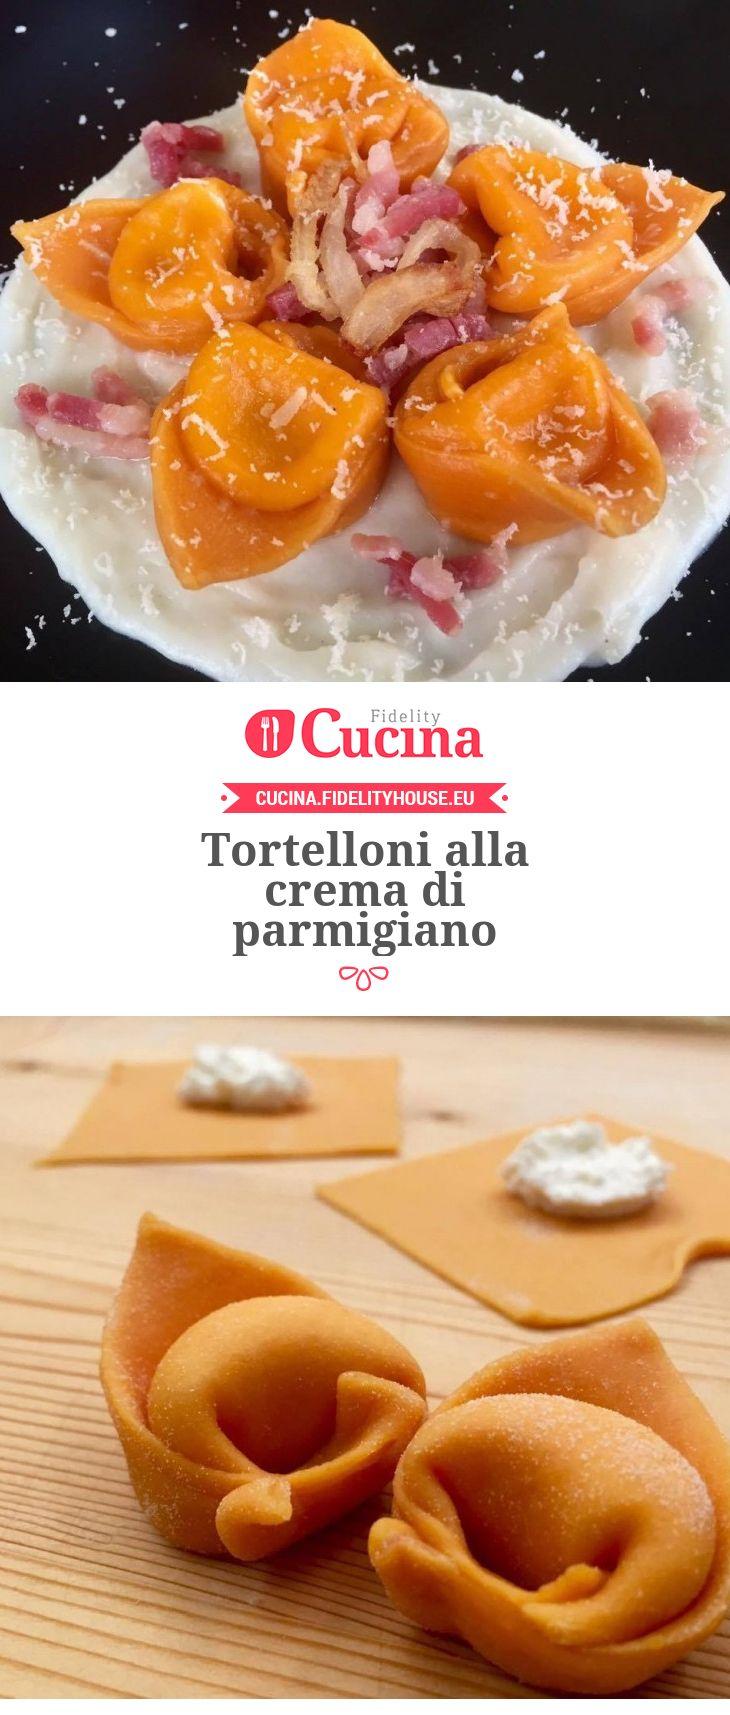 #Tortelloni alla crema di #parmigiano della nostra utente Elena. Unisciti alla nostra Community ed invia le tue ricette!